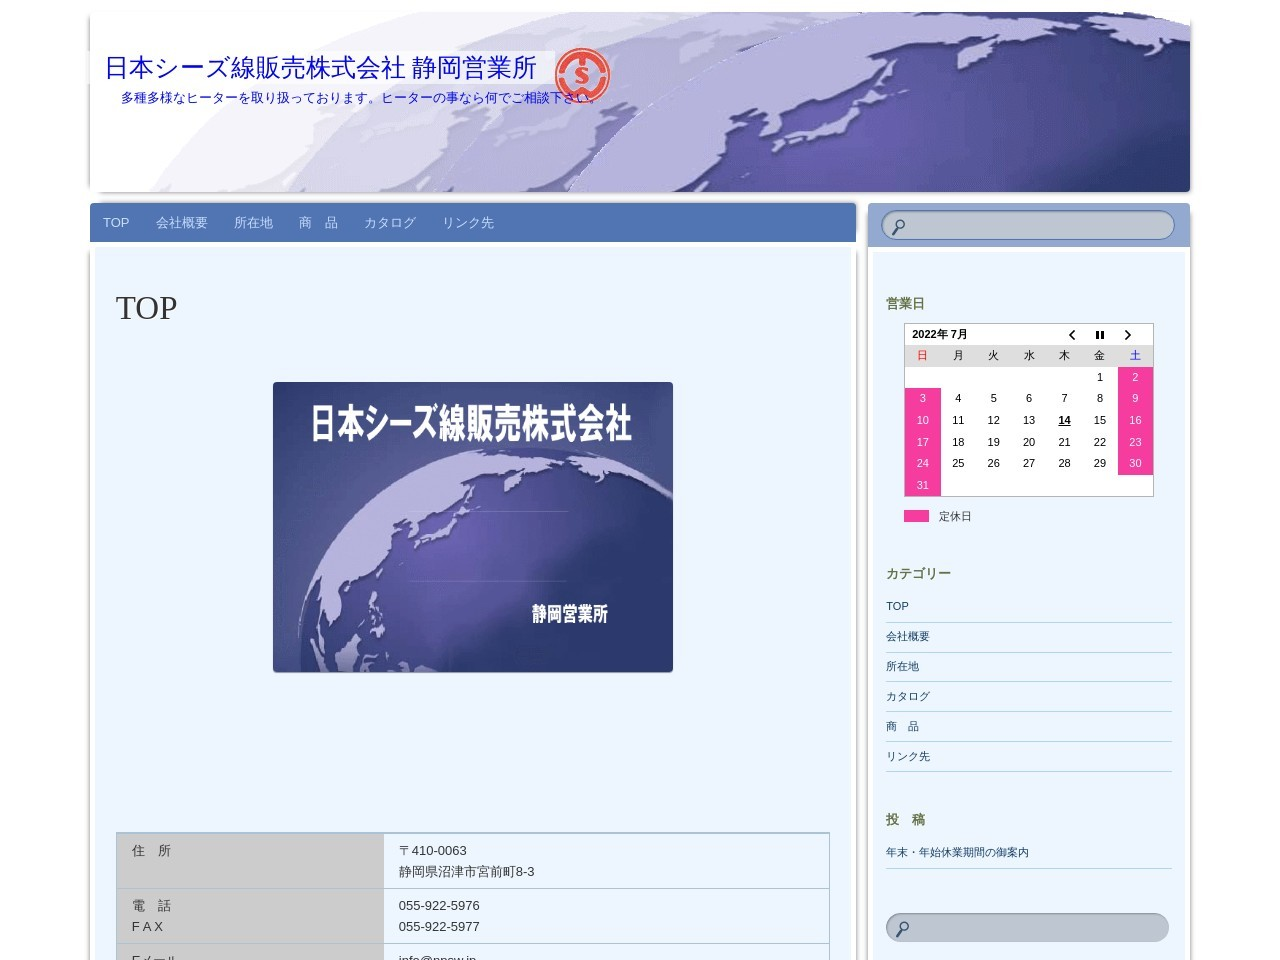 日本シーズ線販売株式会社